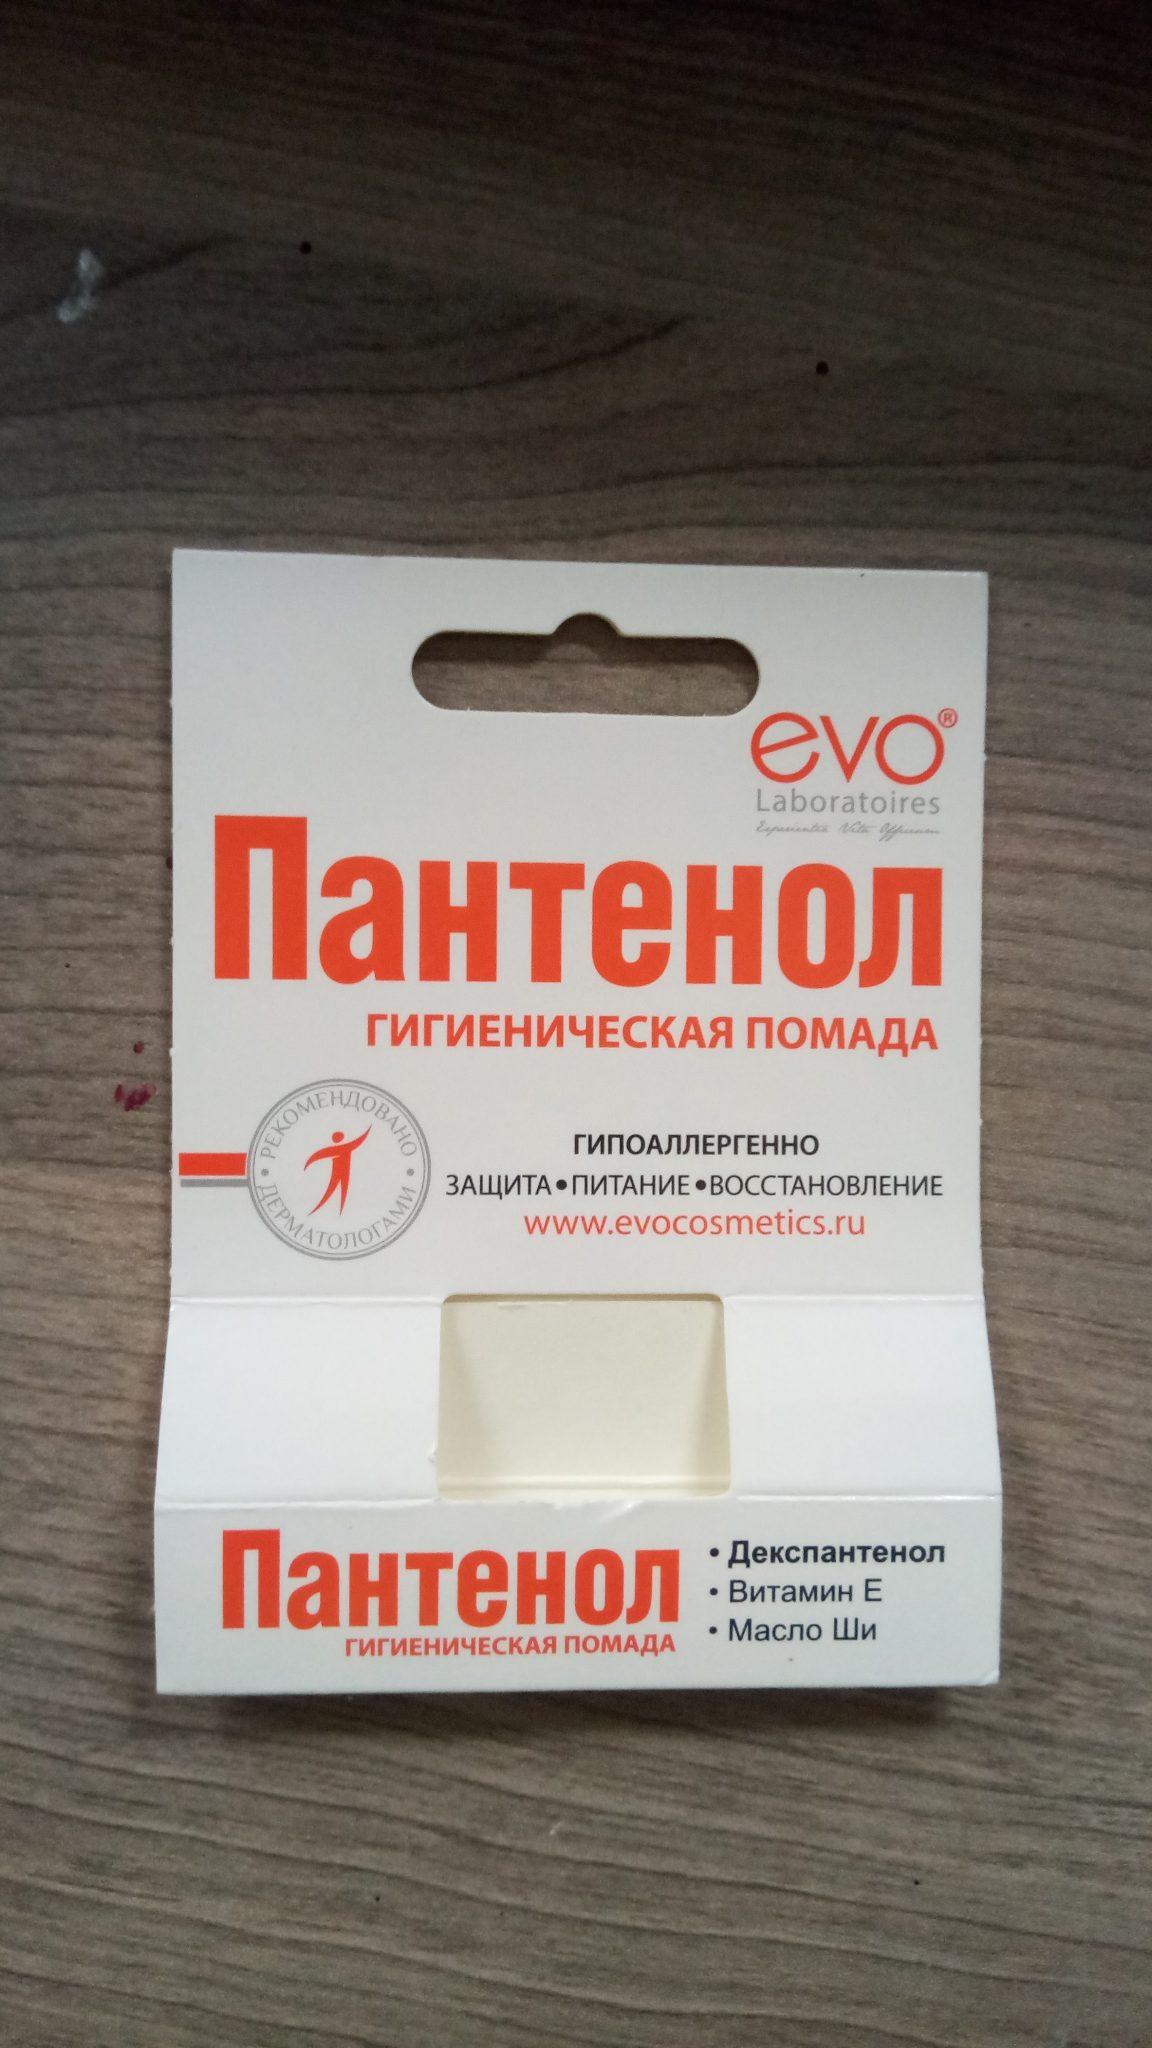 Гигиеническая помада «Пантенол EVO». Отзыв.